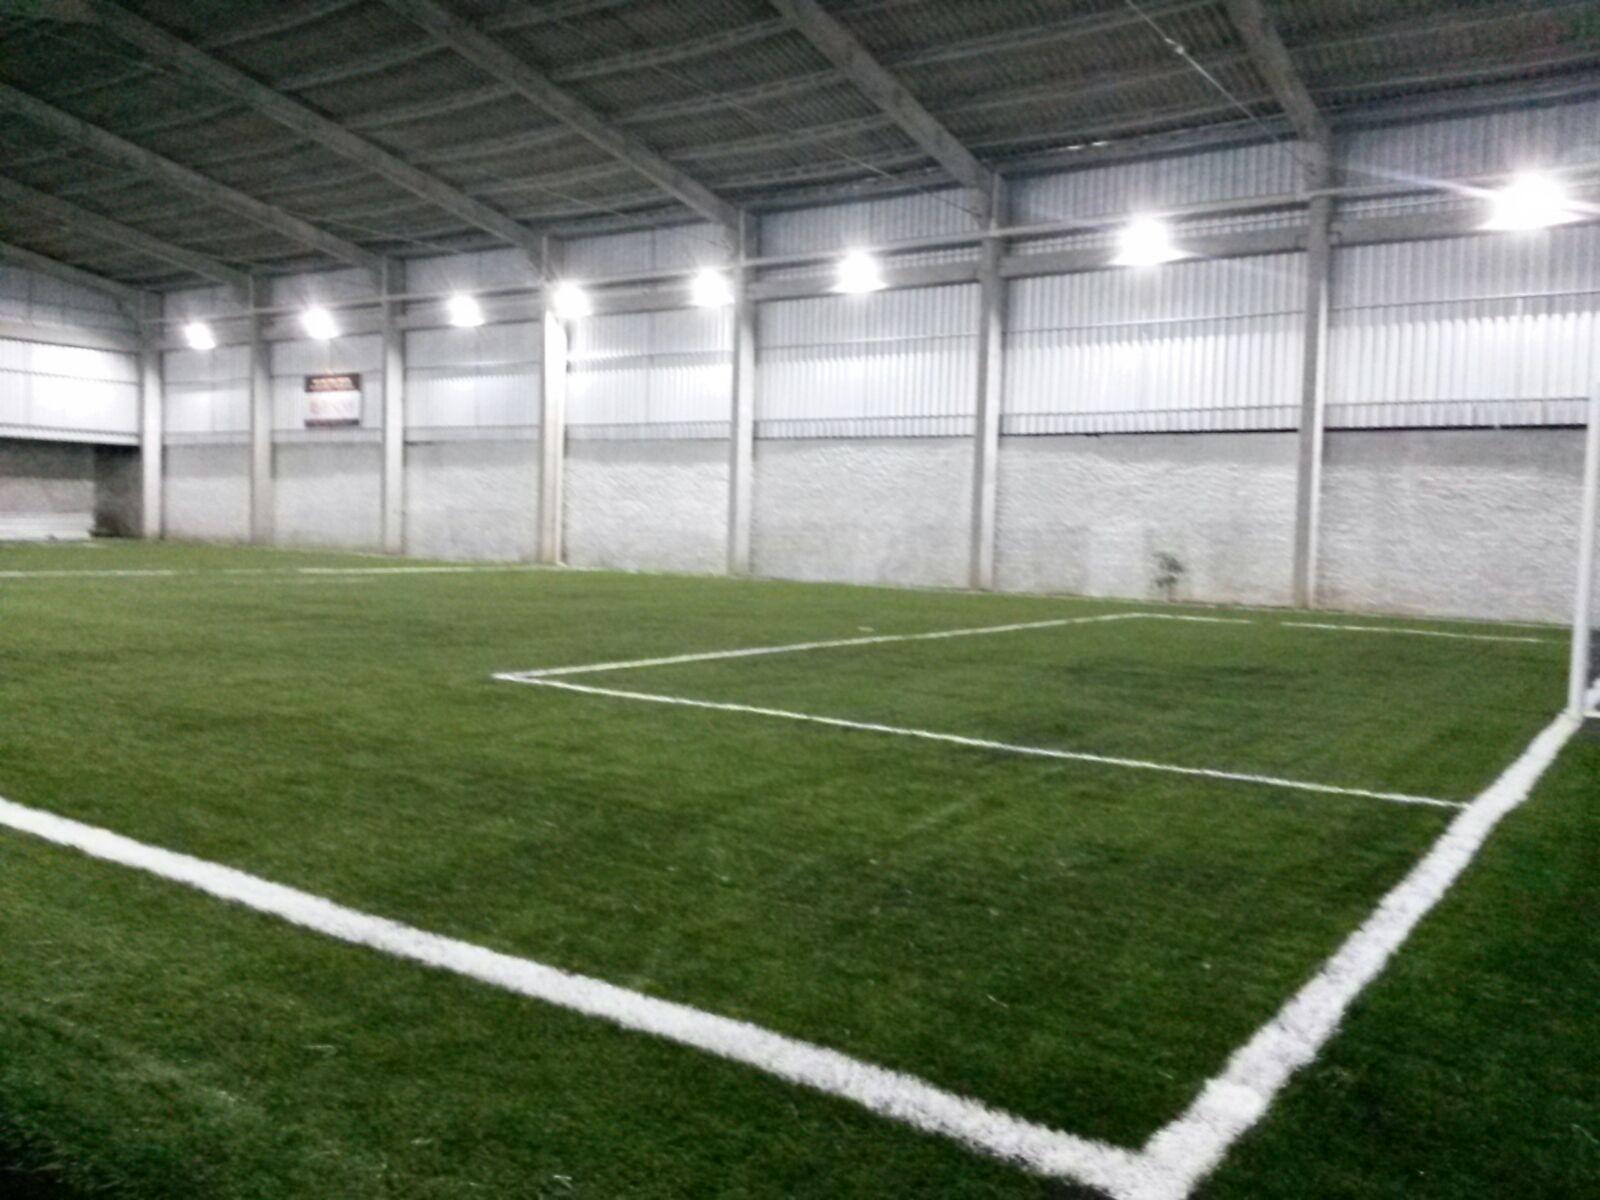 Complexo Esportivo Top Therapy - Quadra de grama sintética e iluminação exclusiva de LED - Itajaí / Santa Catarina